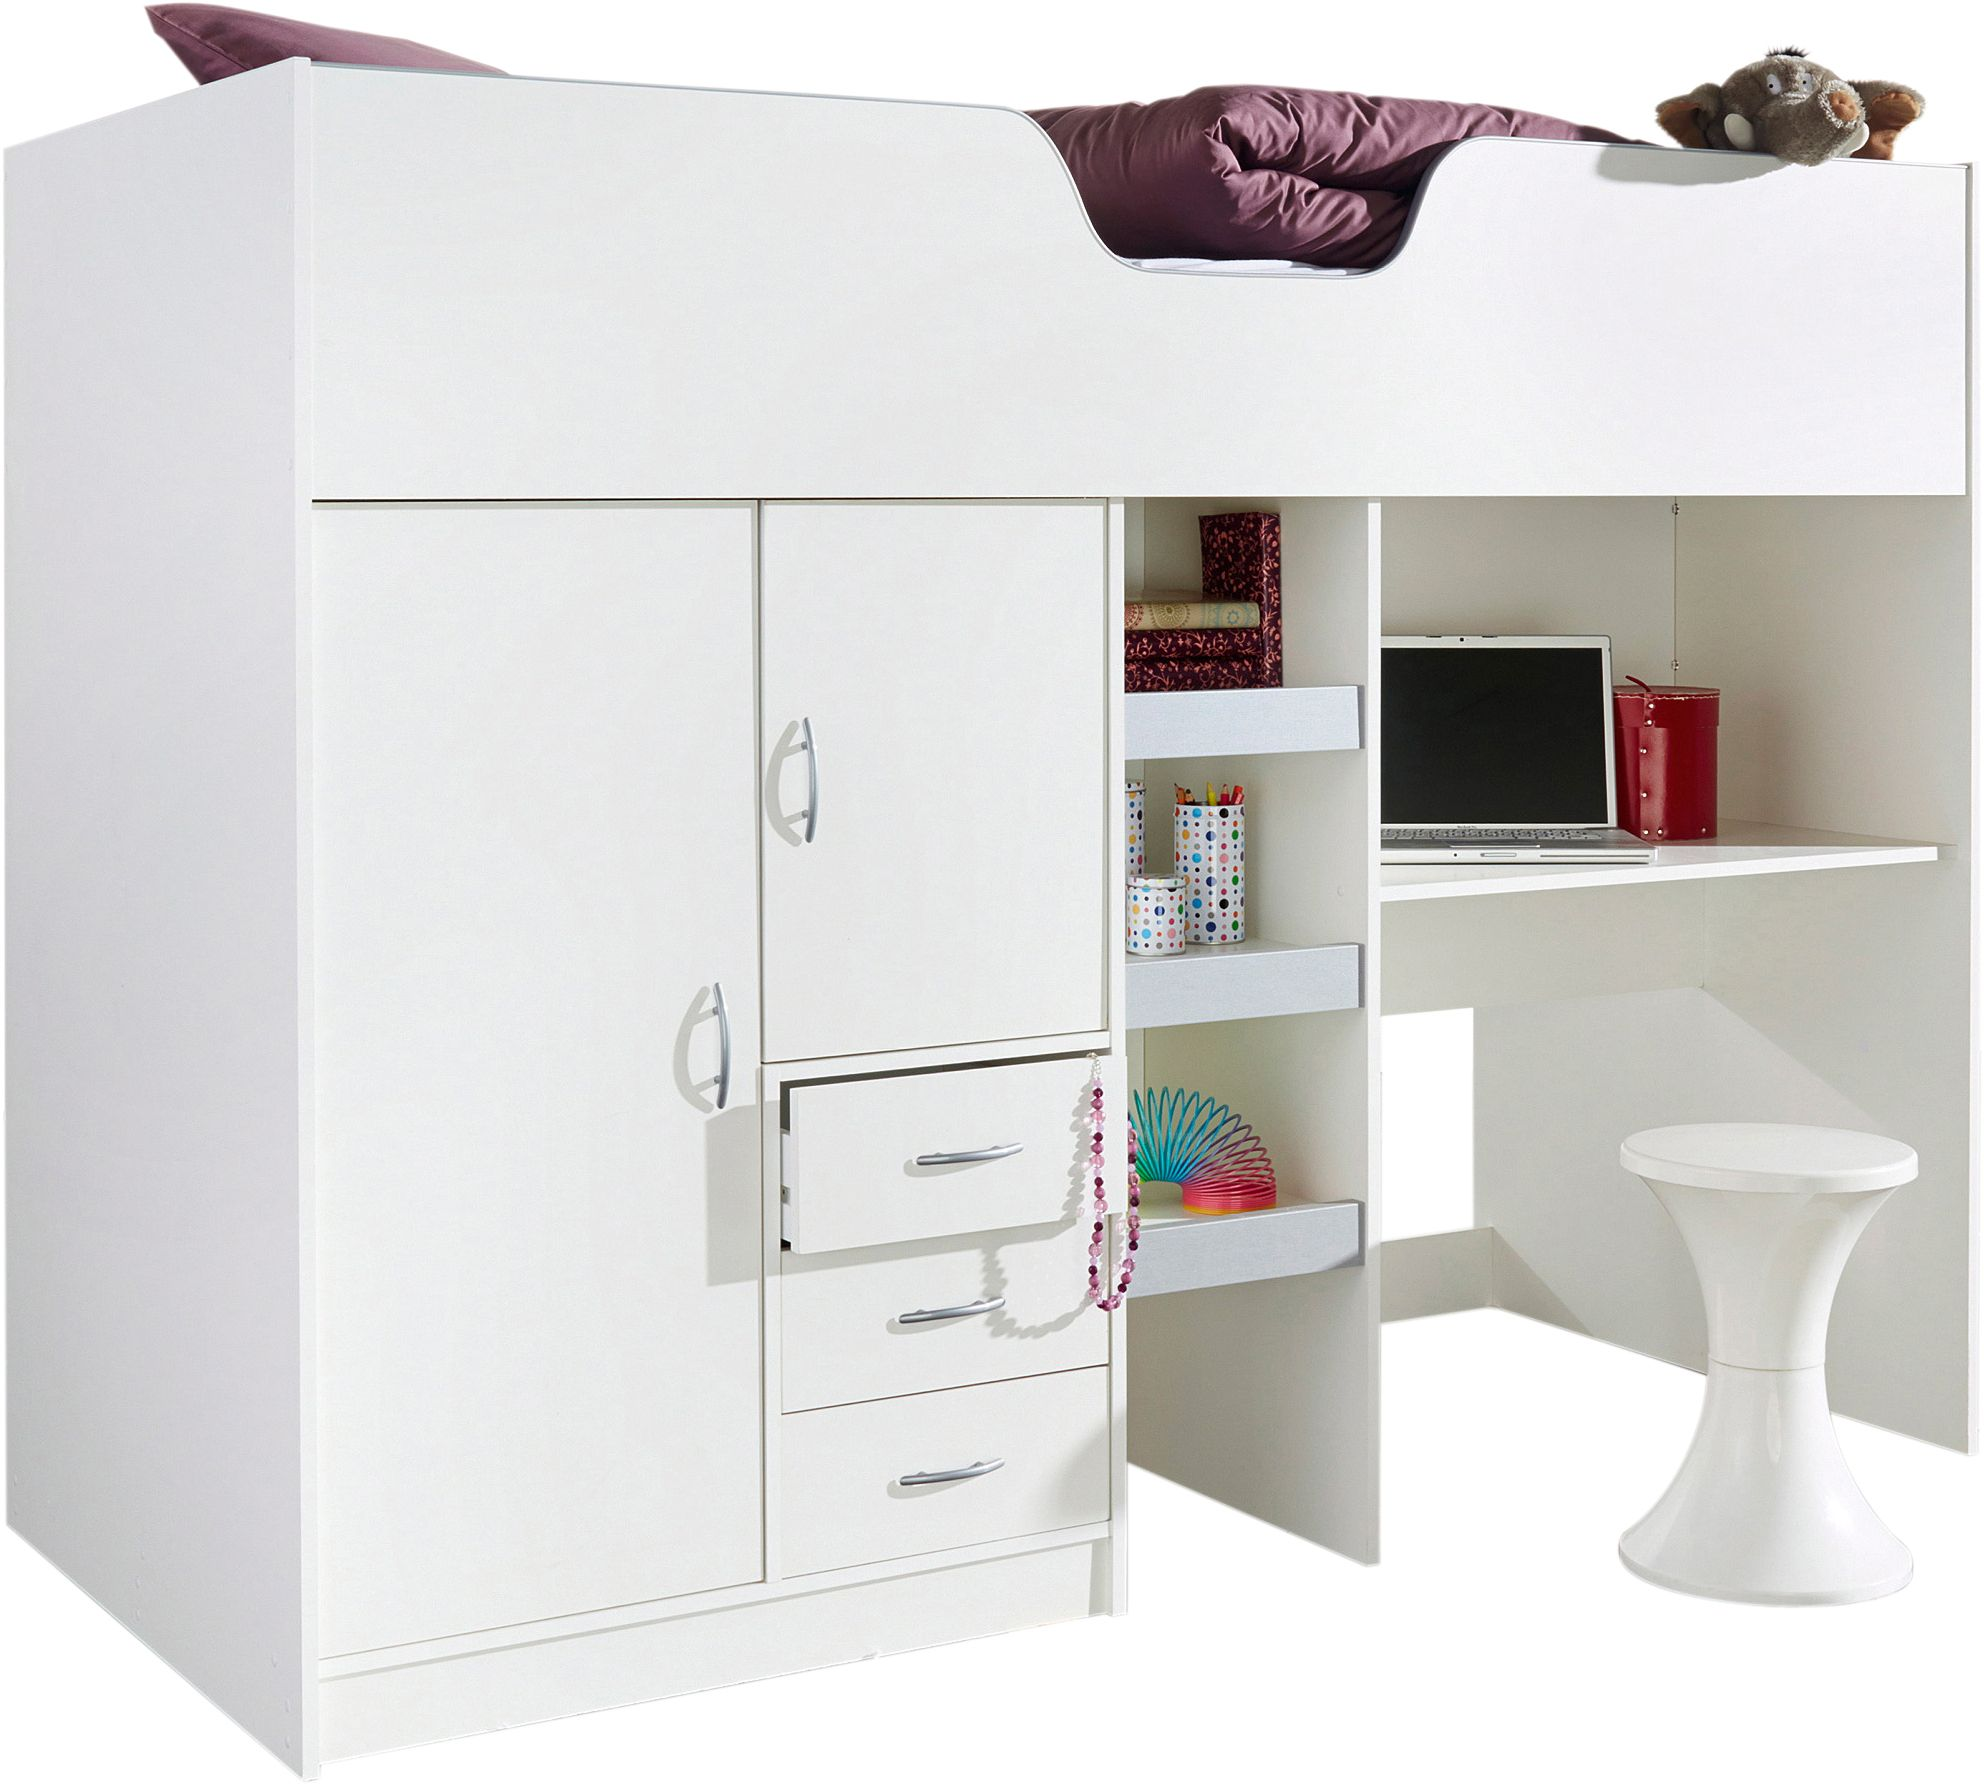 hochbett g nstig online kaufen beim schwab versand. Black Bedroom Furniture Sets. Home Design Ideas